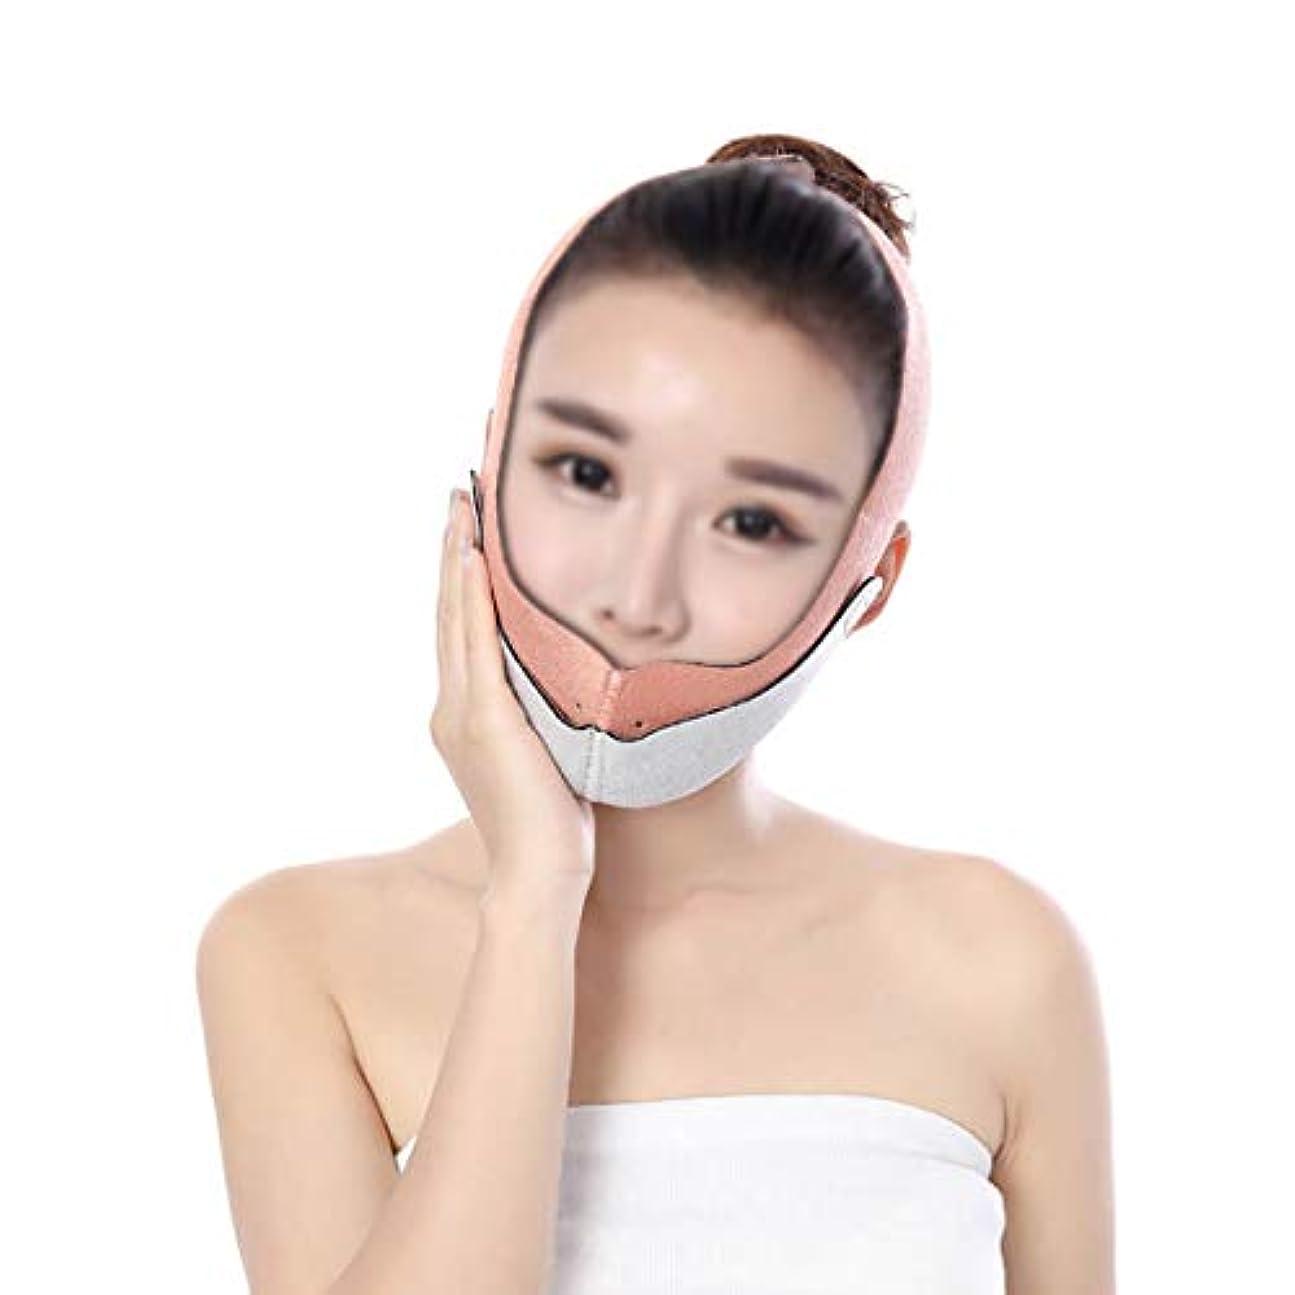 勇気のある女性禁止するTLMY ファーミングマスク薄い顔アーティファクト補正フェイスリフティングアンチたるみ包帯美容マスクマスクVフェイスクロスツール 顔用整形マスク